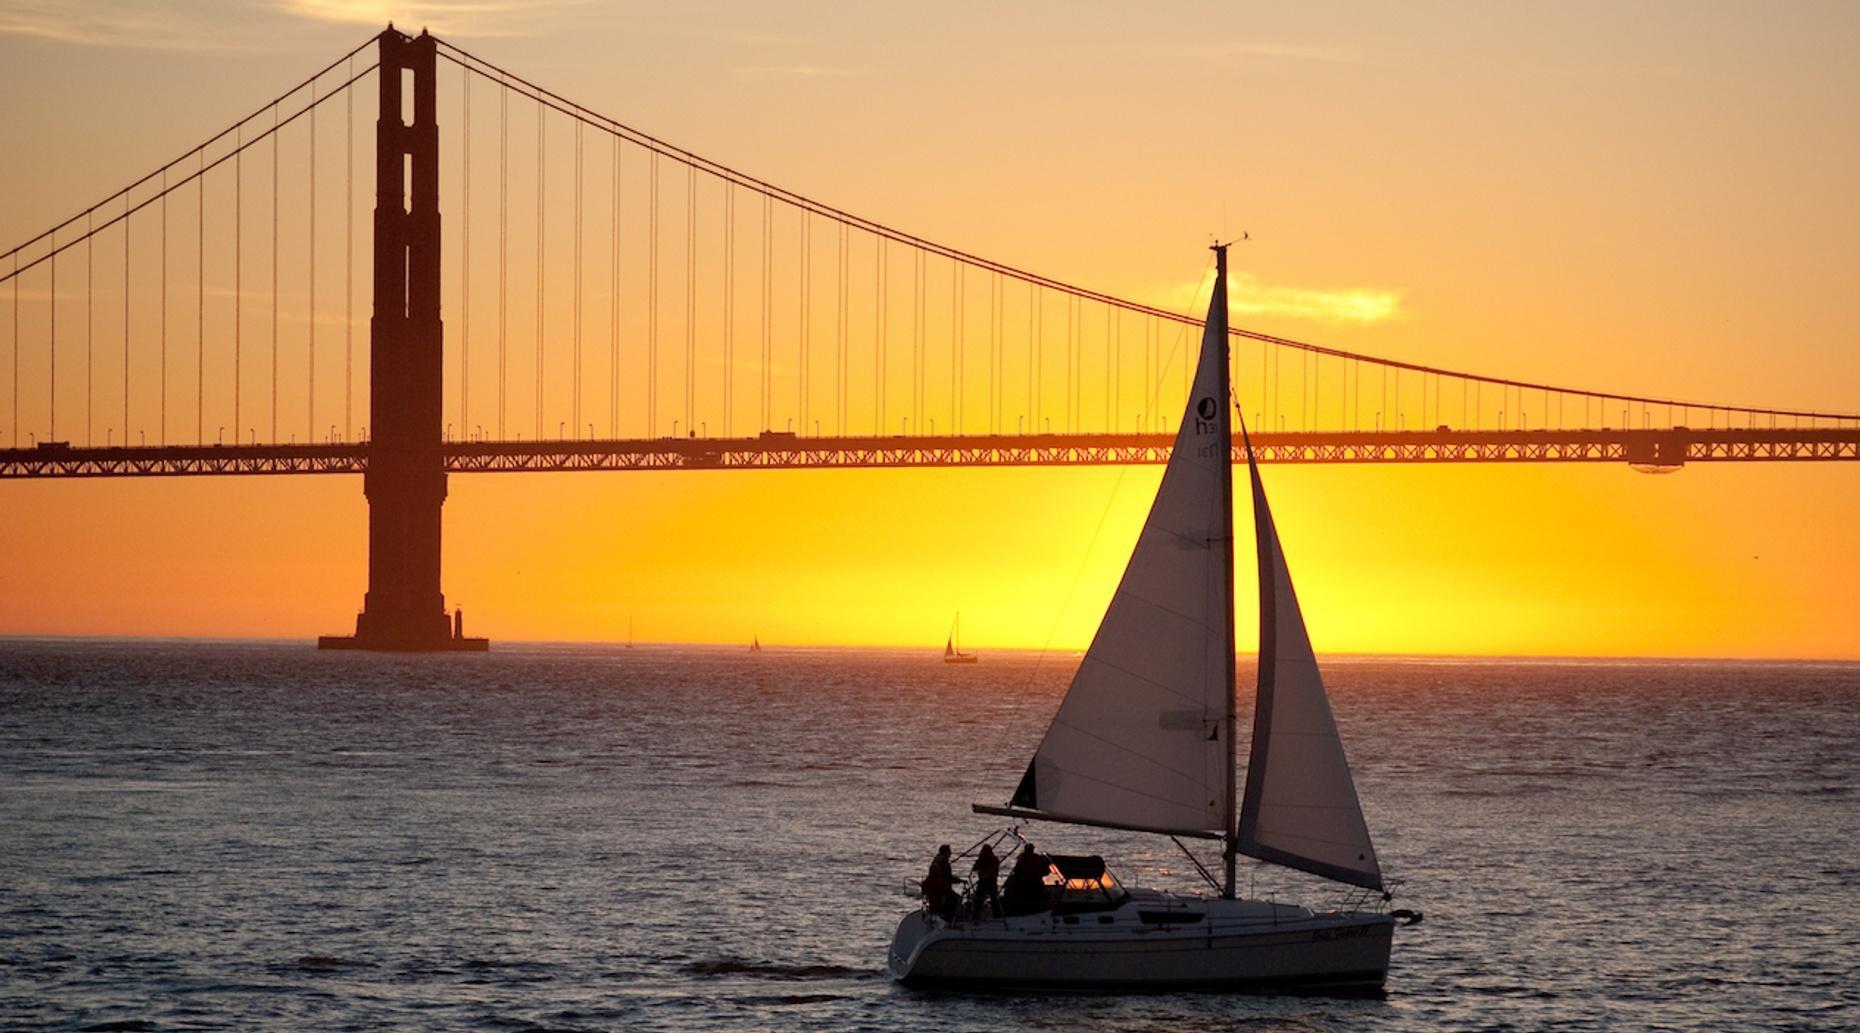 Sunset Sail in San Francisco Bay